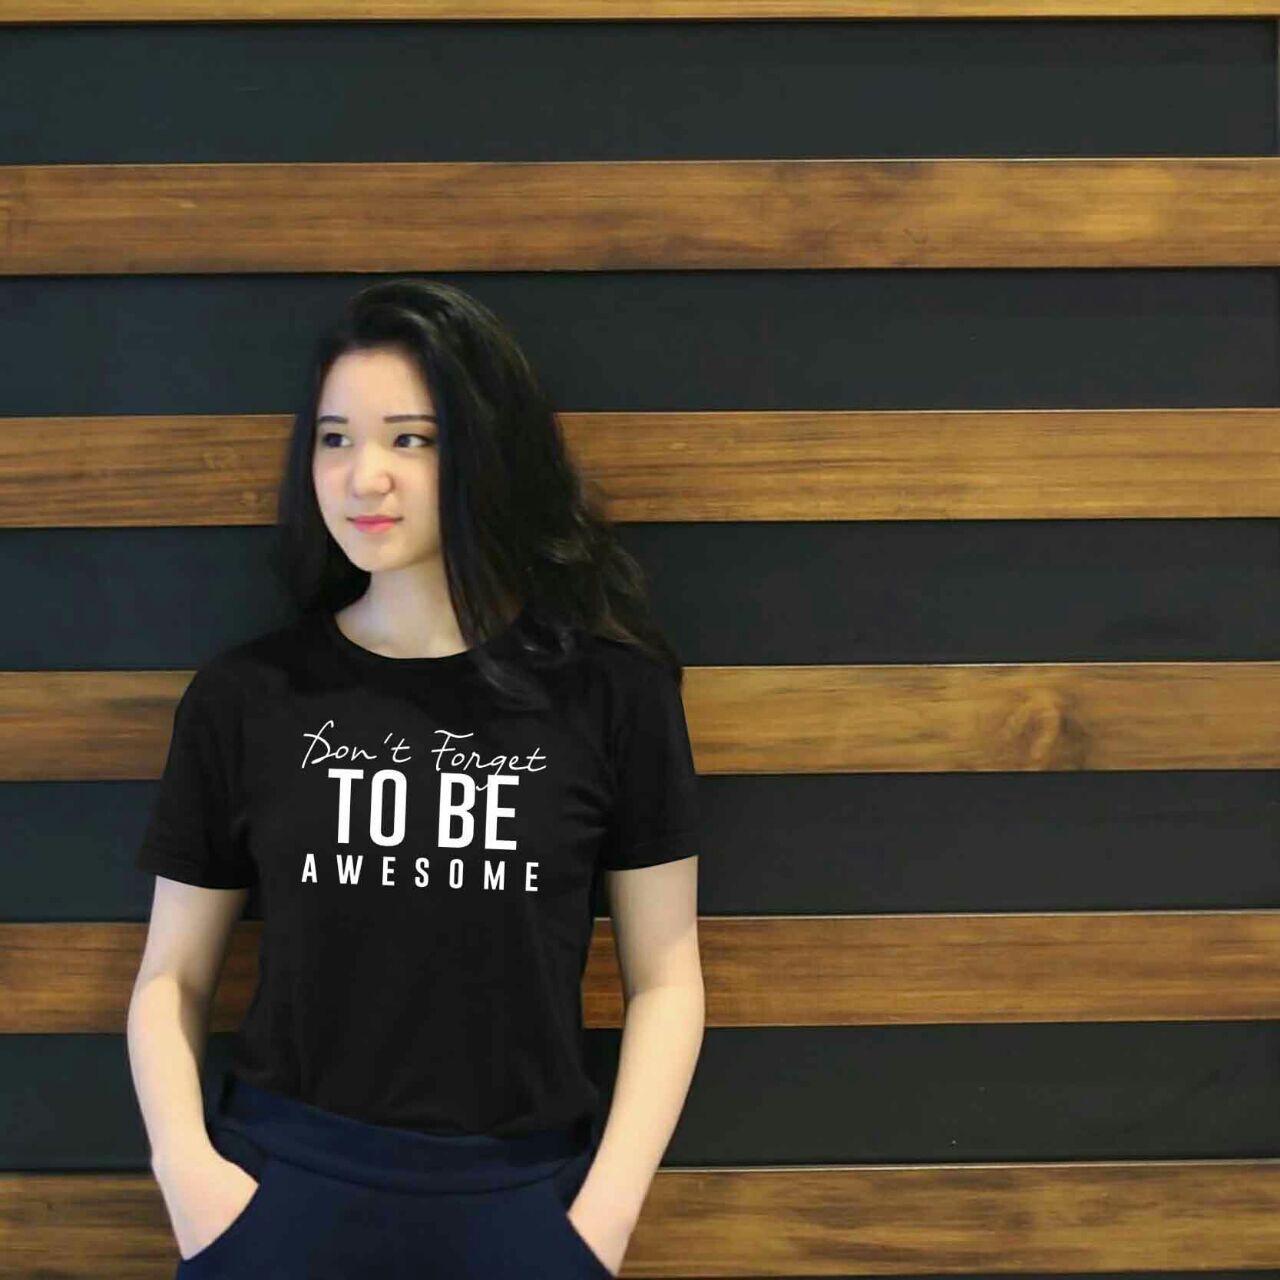 XV Kaos Wanita tee to be awesome / T-shirt Distro Wanita / Baju Atasan Kaos Cewek / Tumblr Tee Cewek / Kaos Wanita Murah / Baju Wanita Murah / Kaos Lengan Pendek / Kaos Oblong / Kaos Tulisan